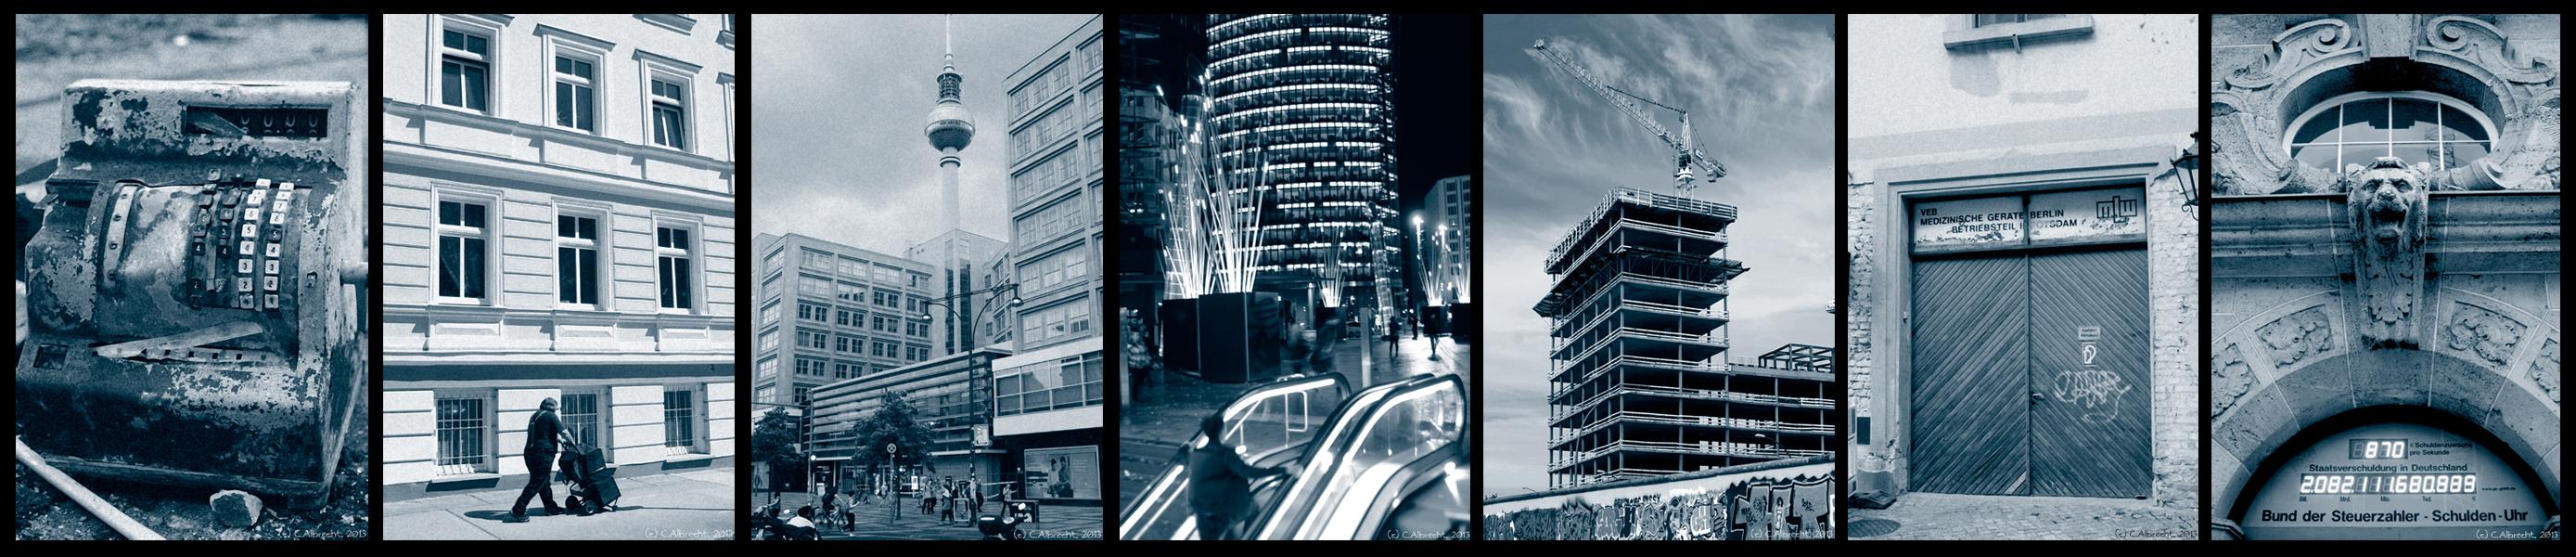 Stadt als Wirtschaftsstandort/ökonomische Größe/Ort der Erwerbsarbeit